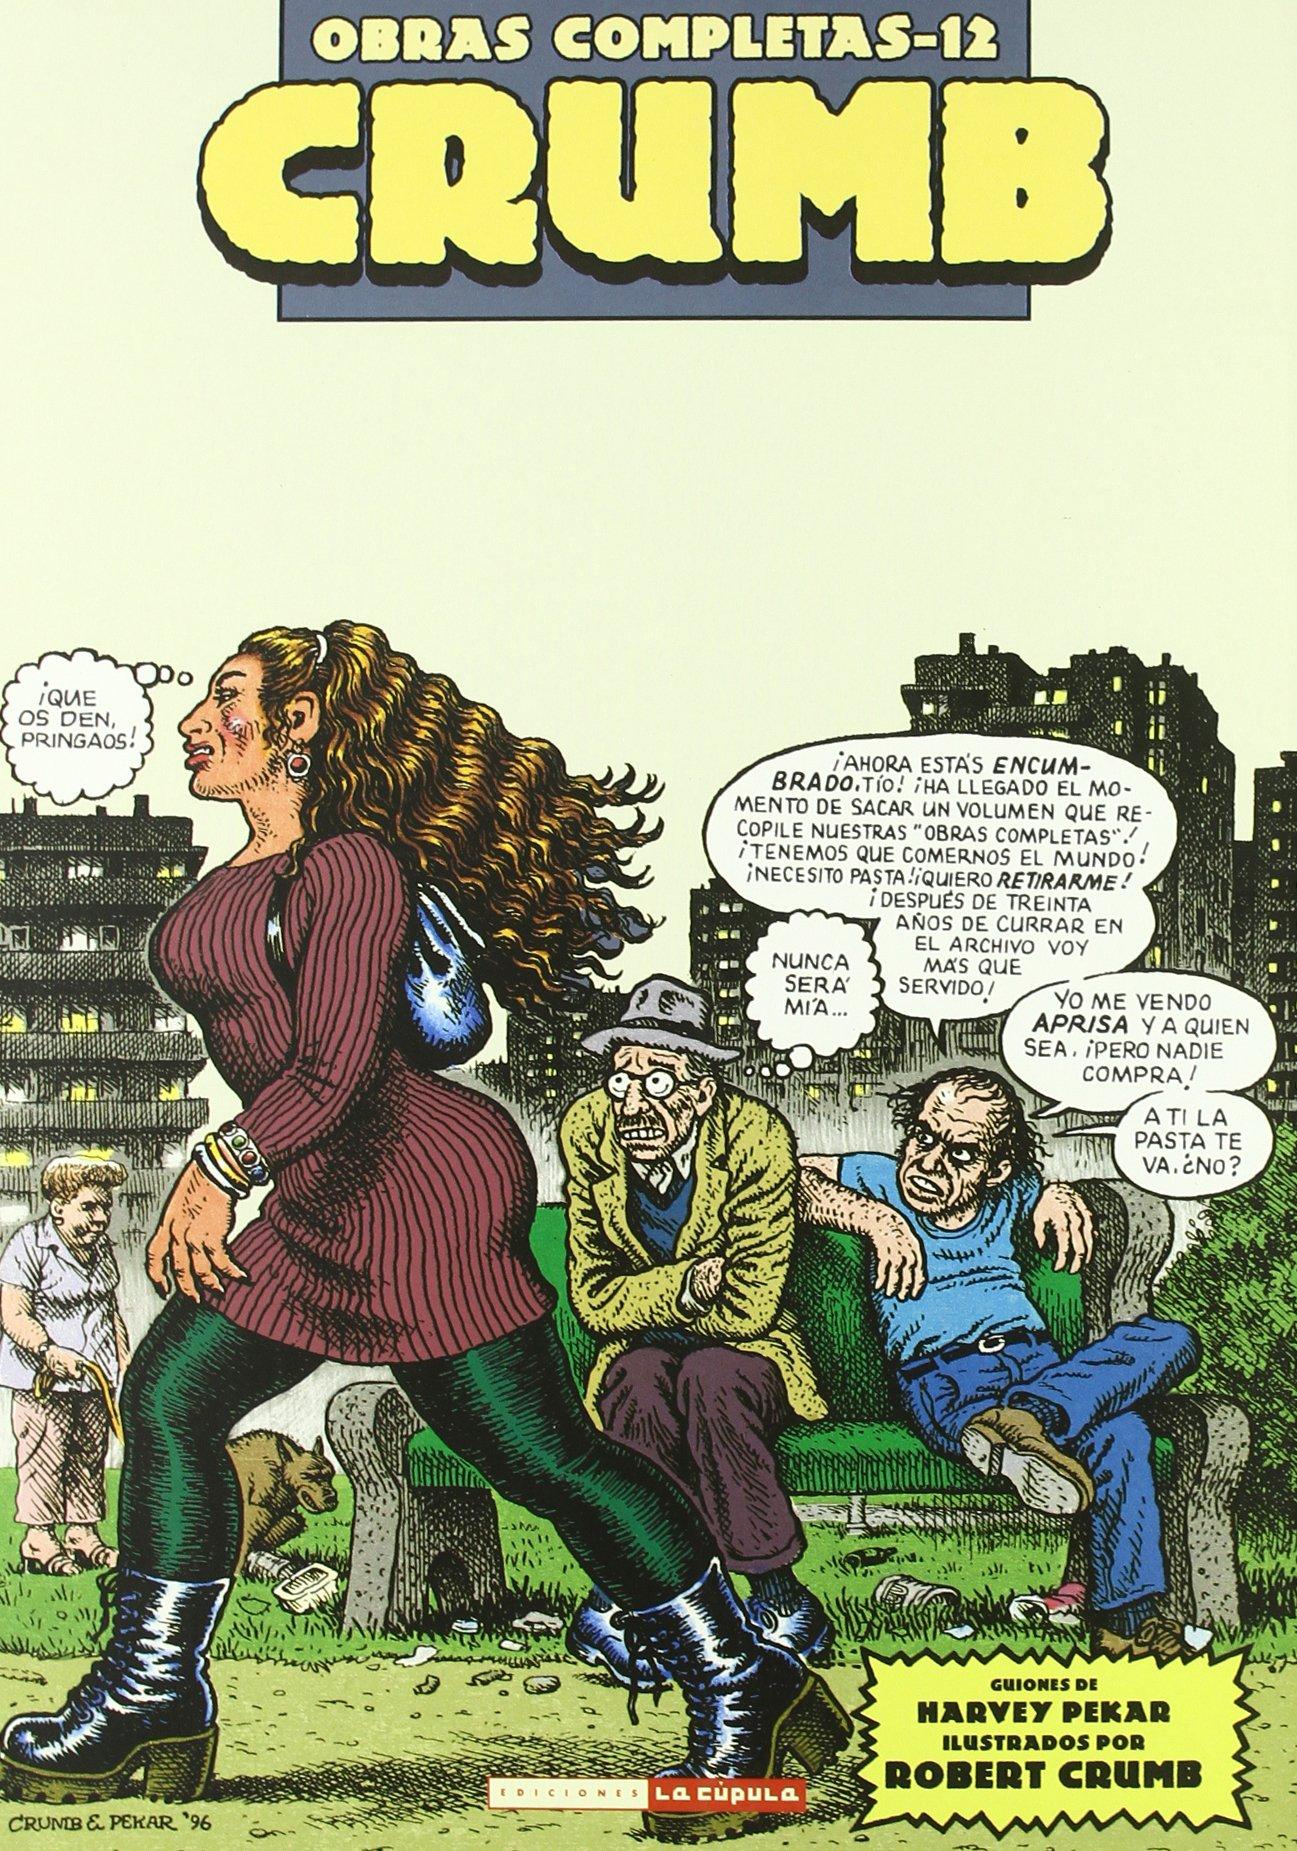 Crumb Obras Completas 12 - American Splendor - Los Comics De Bob Y Harvey Pekar Crumb la Cupula: Amazon.es: Robert Crumb: Libros